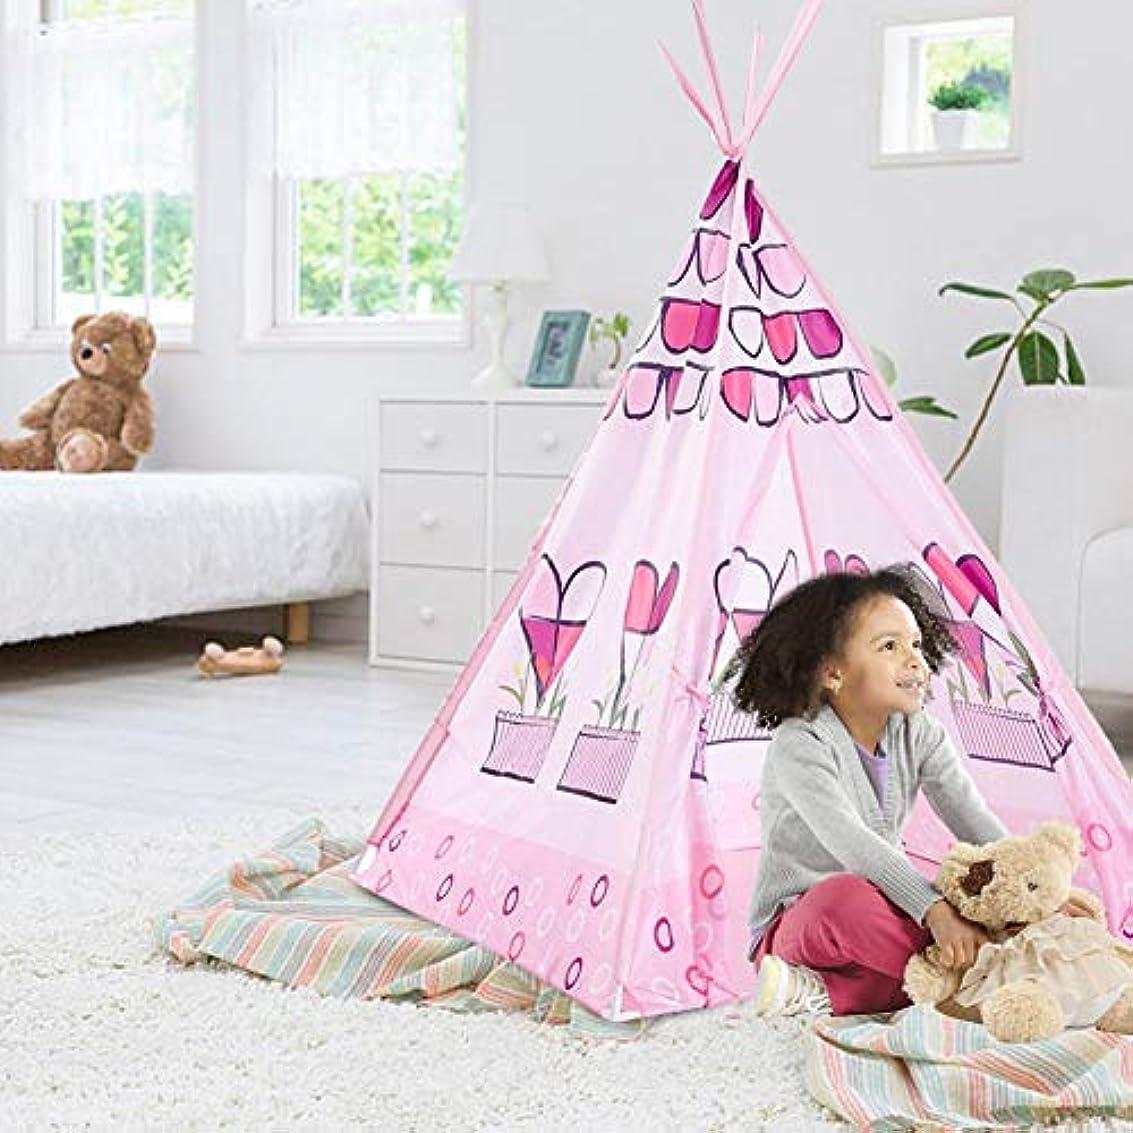 兵器庫ミニコウモリインド風、子供用テント、赤ちゃん、おもちゃ,欧米、蚊帳、ラブパターン、開けやすい